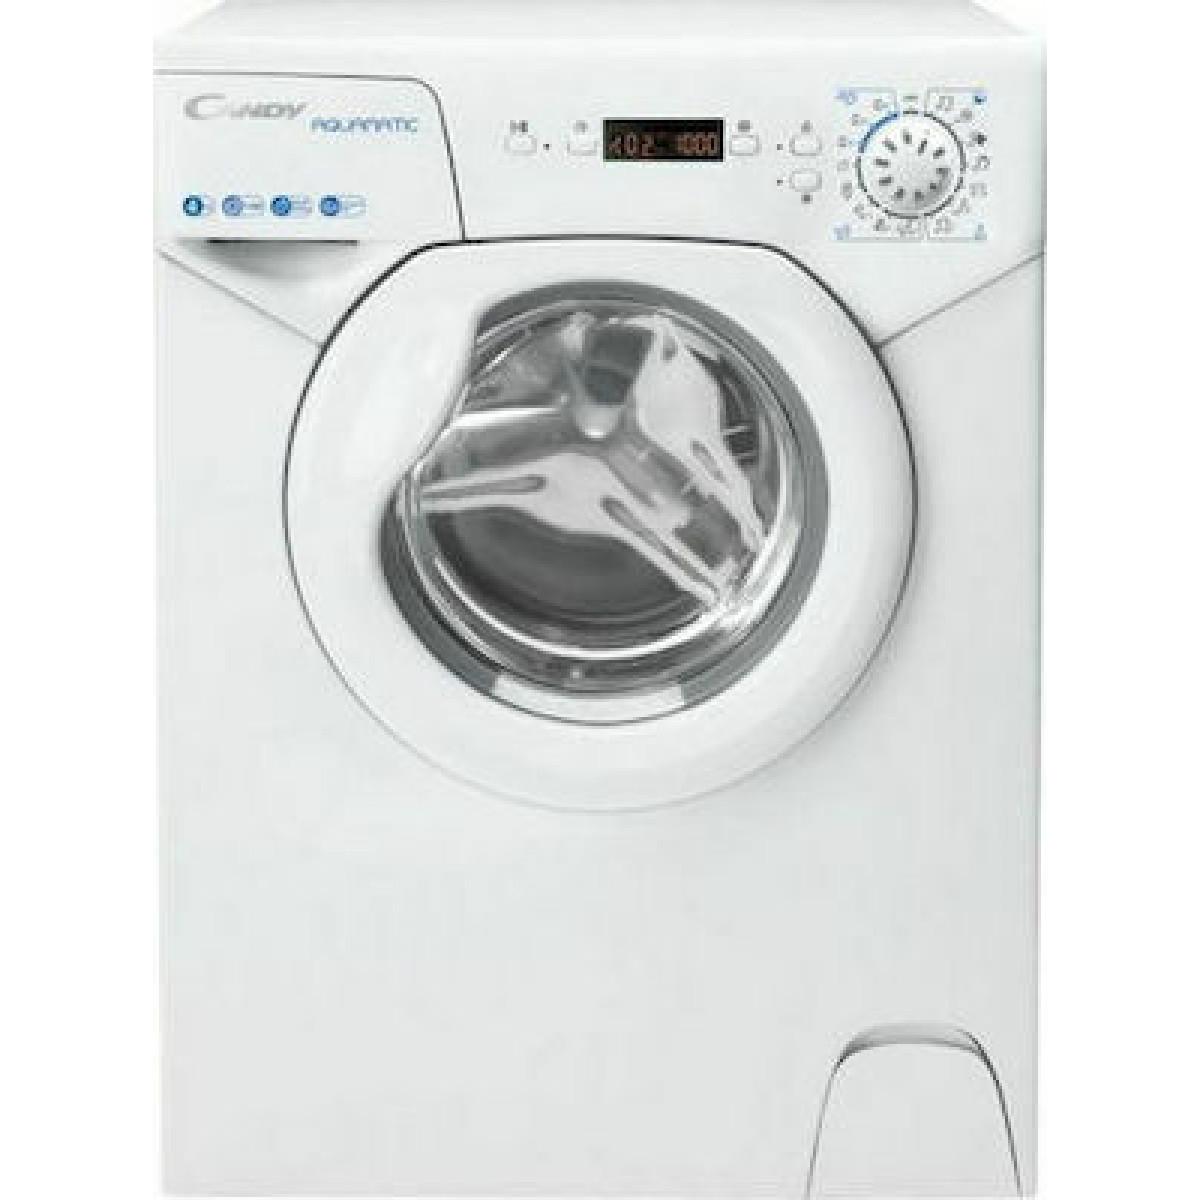 Πλυντήριο Ρούχων Candy Aqua 1142DE/2-S 4kg  Πλυντήρια ρούχων